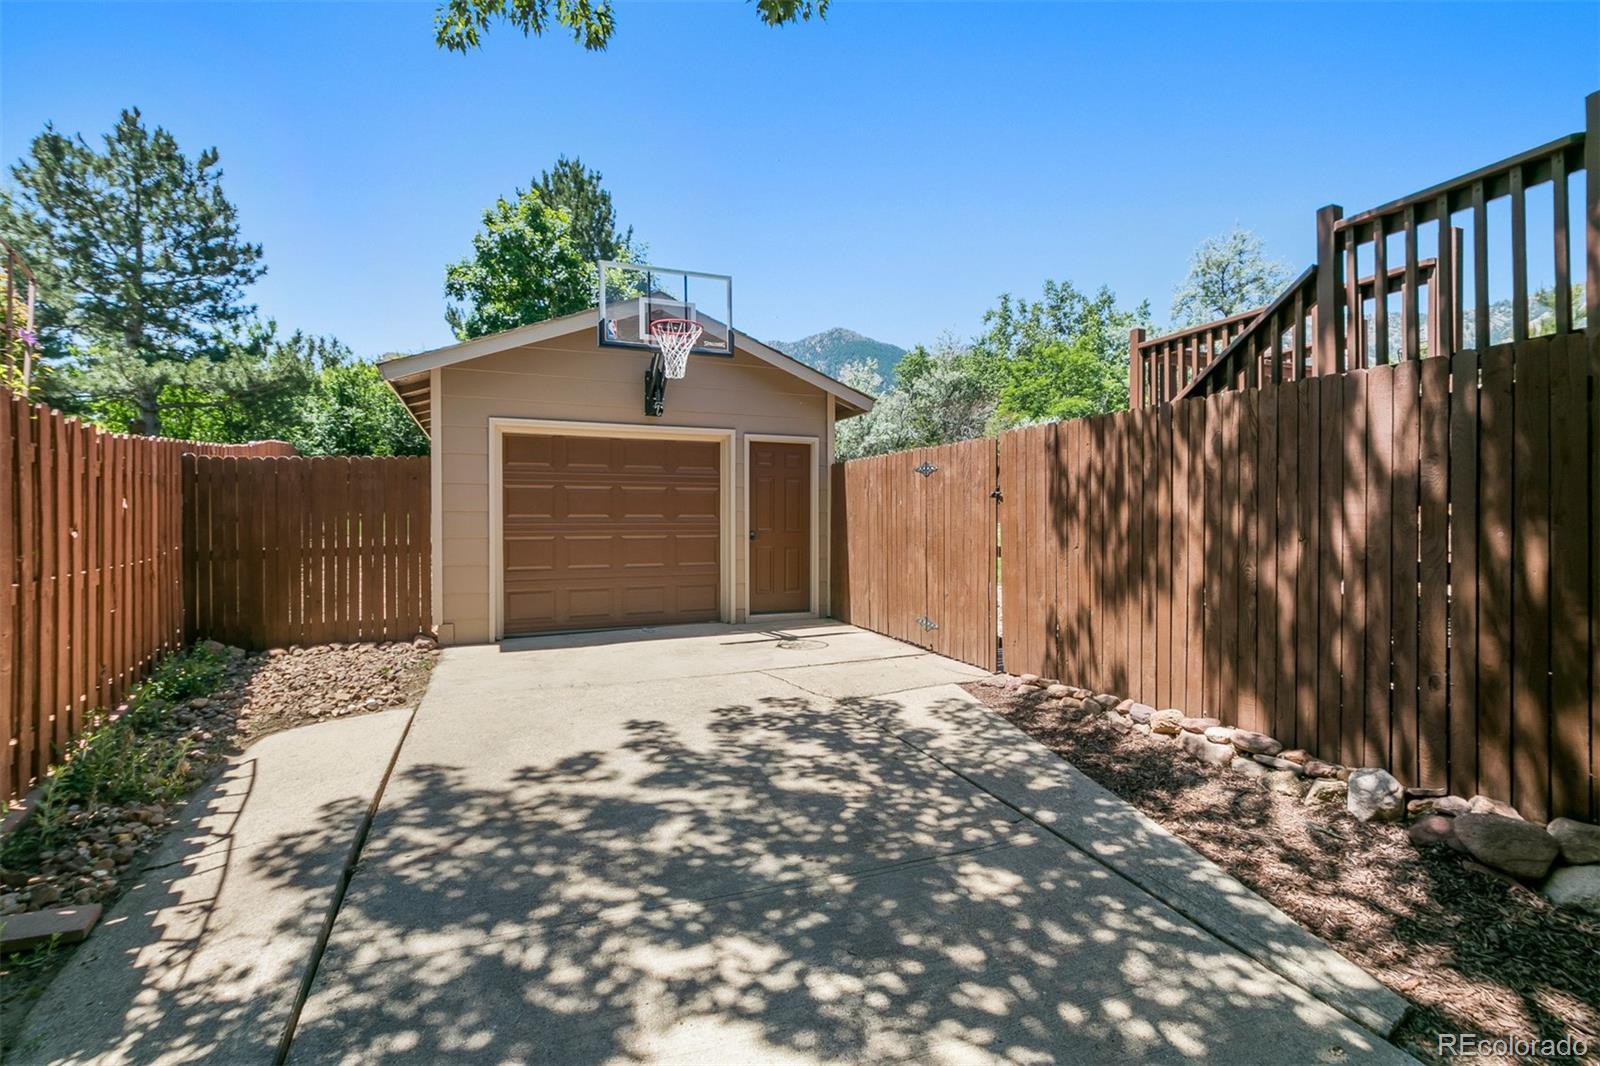 MLS# 2204463 - 2 - 1346 Scrub Oak Circle, Boulder, CO 80305